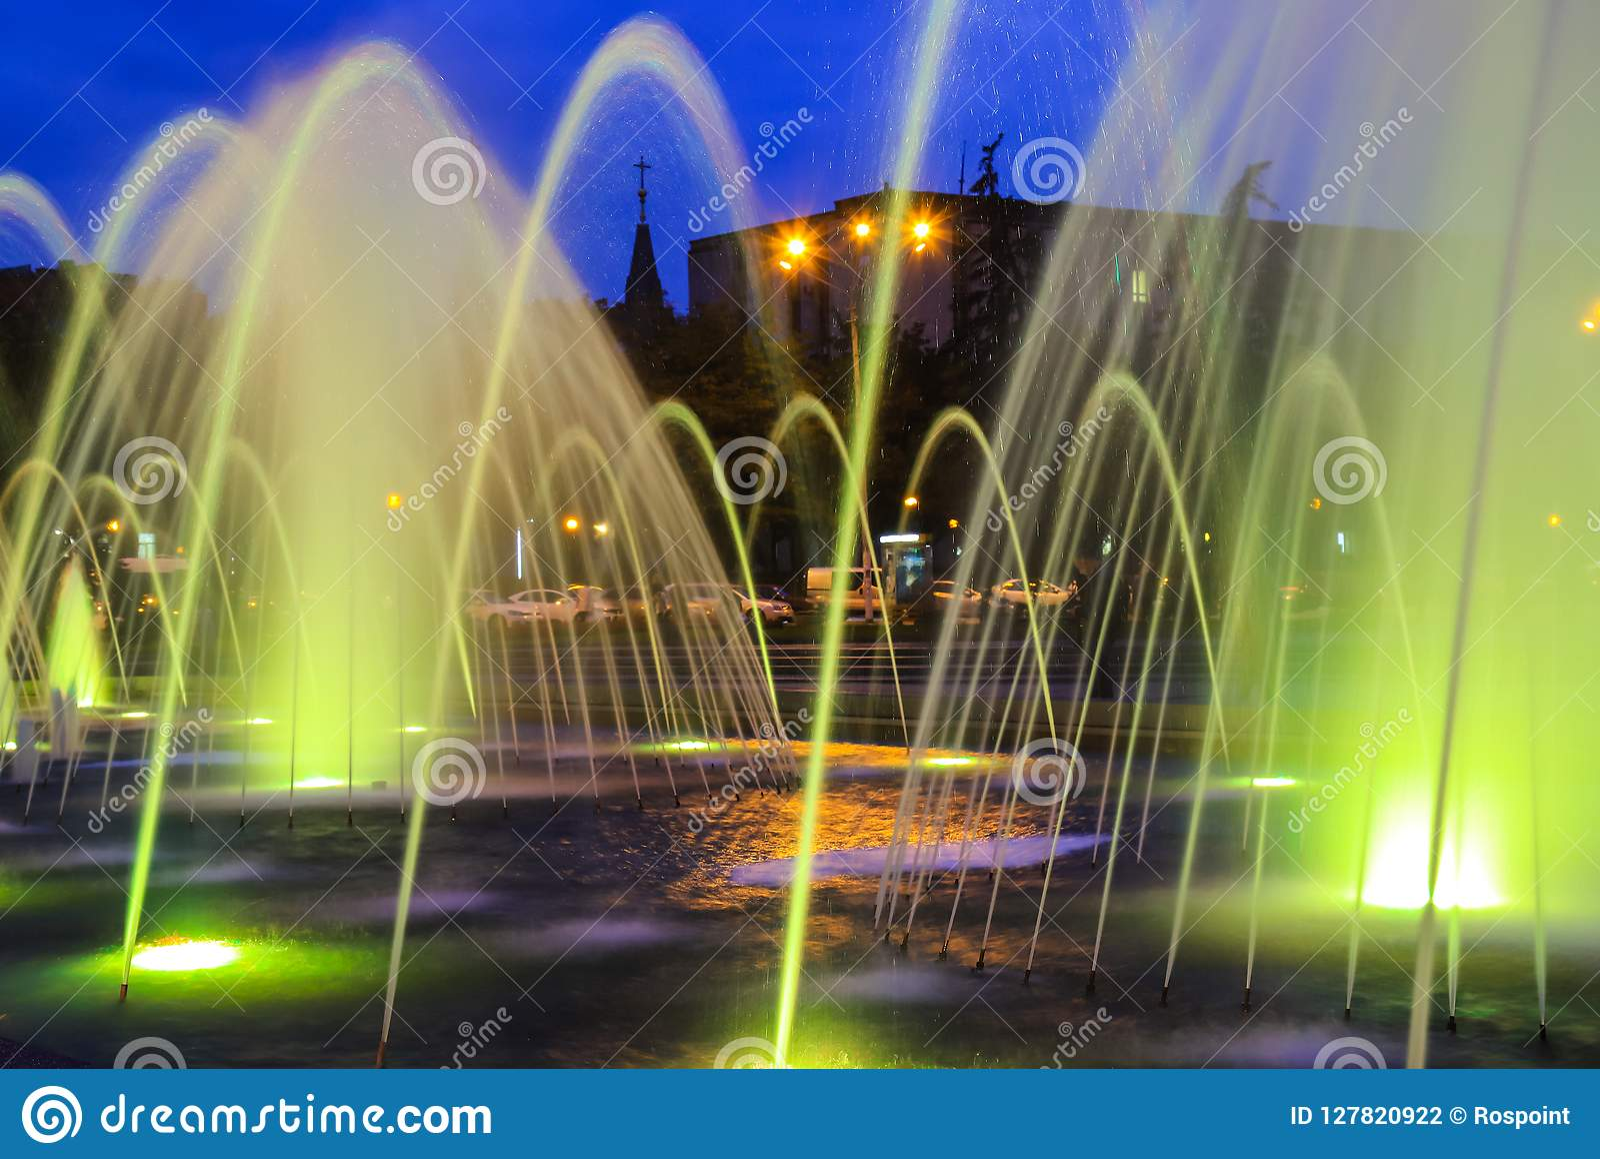 美丽如画,美丽的大色的喷泉在晚上,城市德聂伯级 第聂伯罗彼得罗夫斯克,乌克兰晚上视图